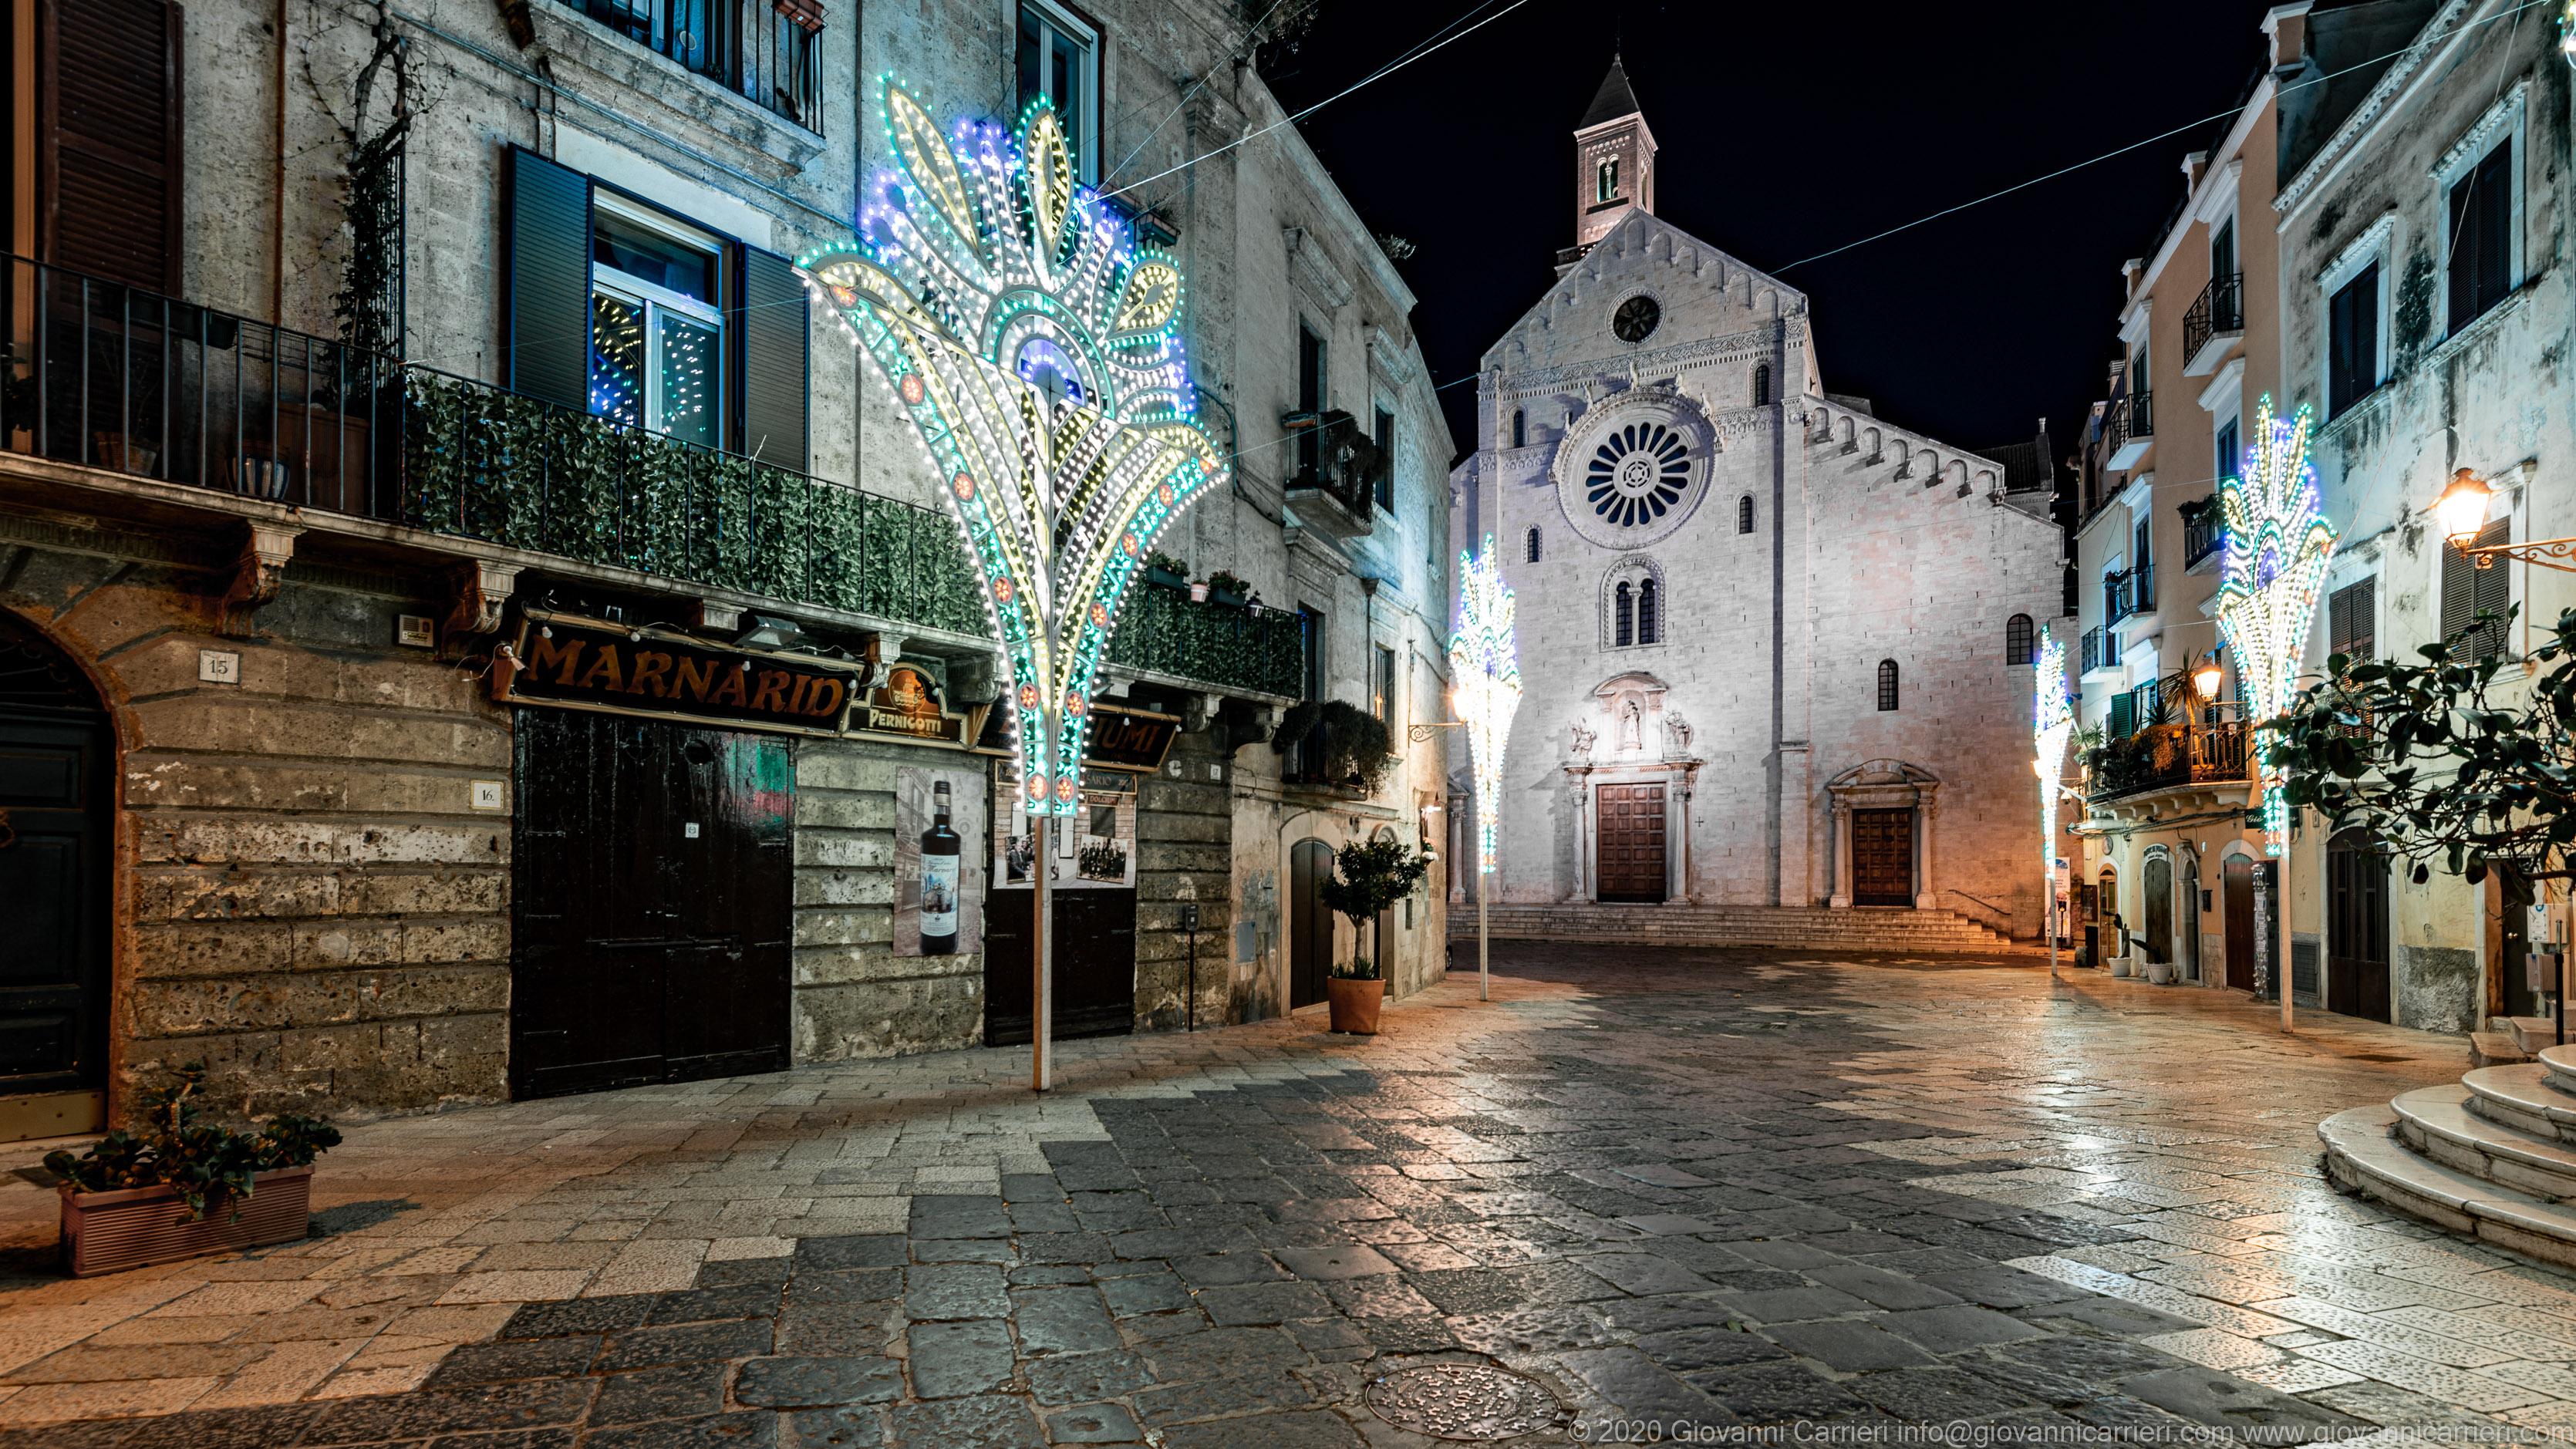 La Cattedrale di Bari, San Sabino, in Bari vecchia